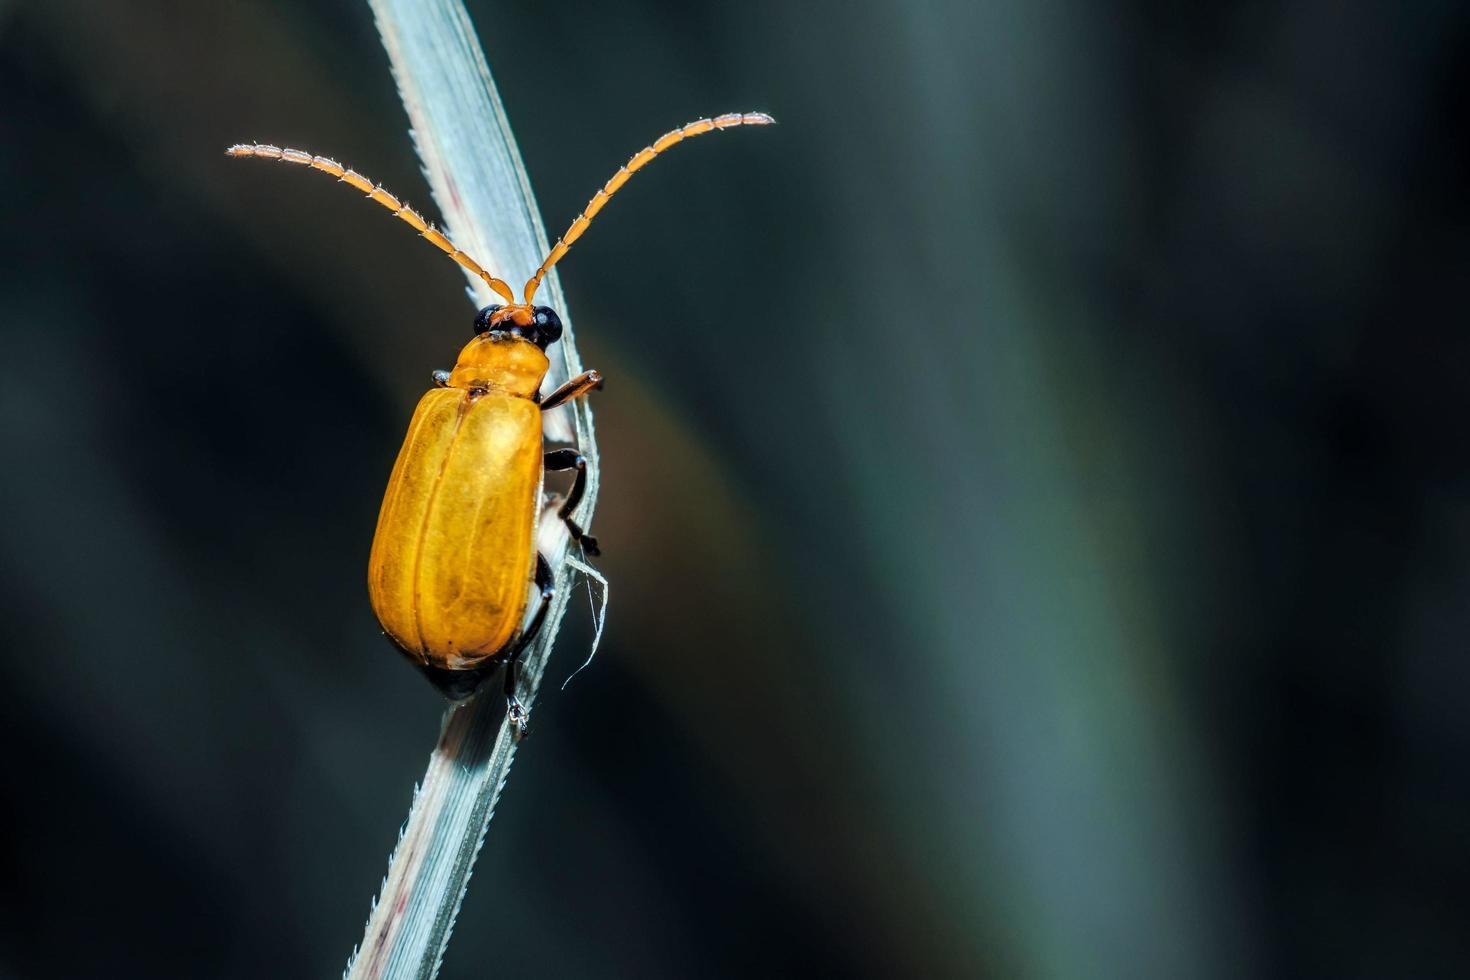 bug jaune sur une branche photo